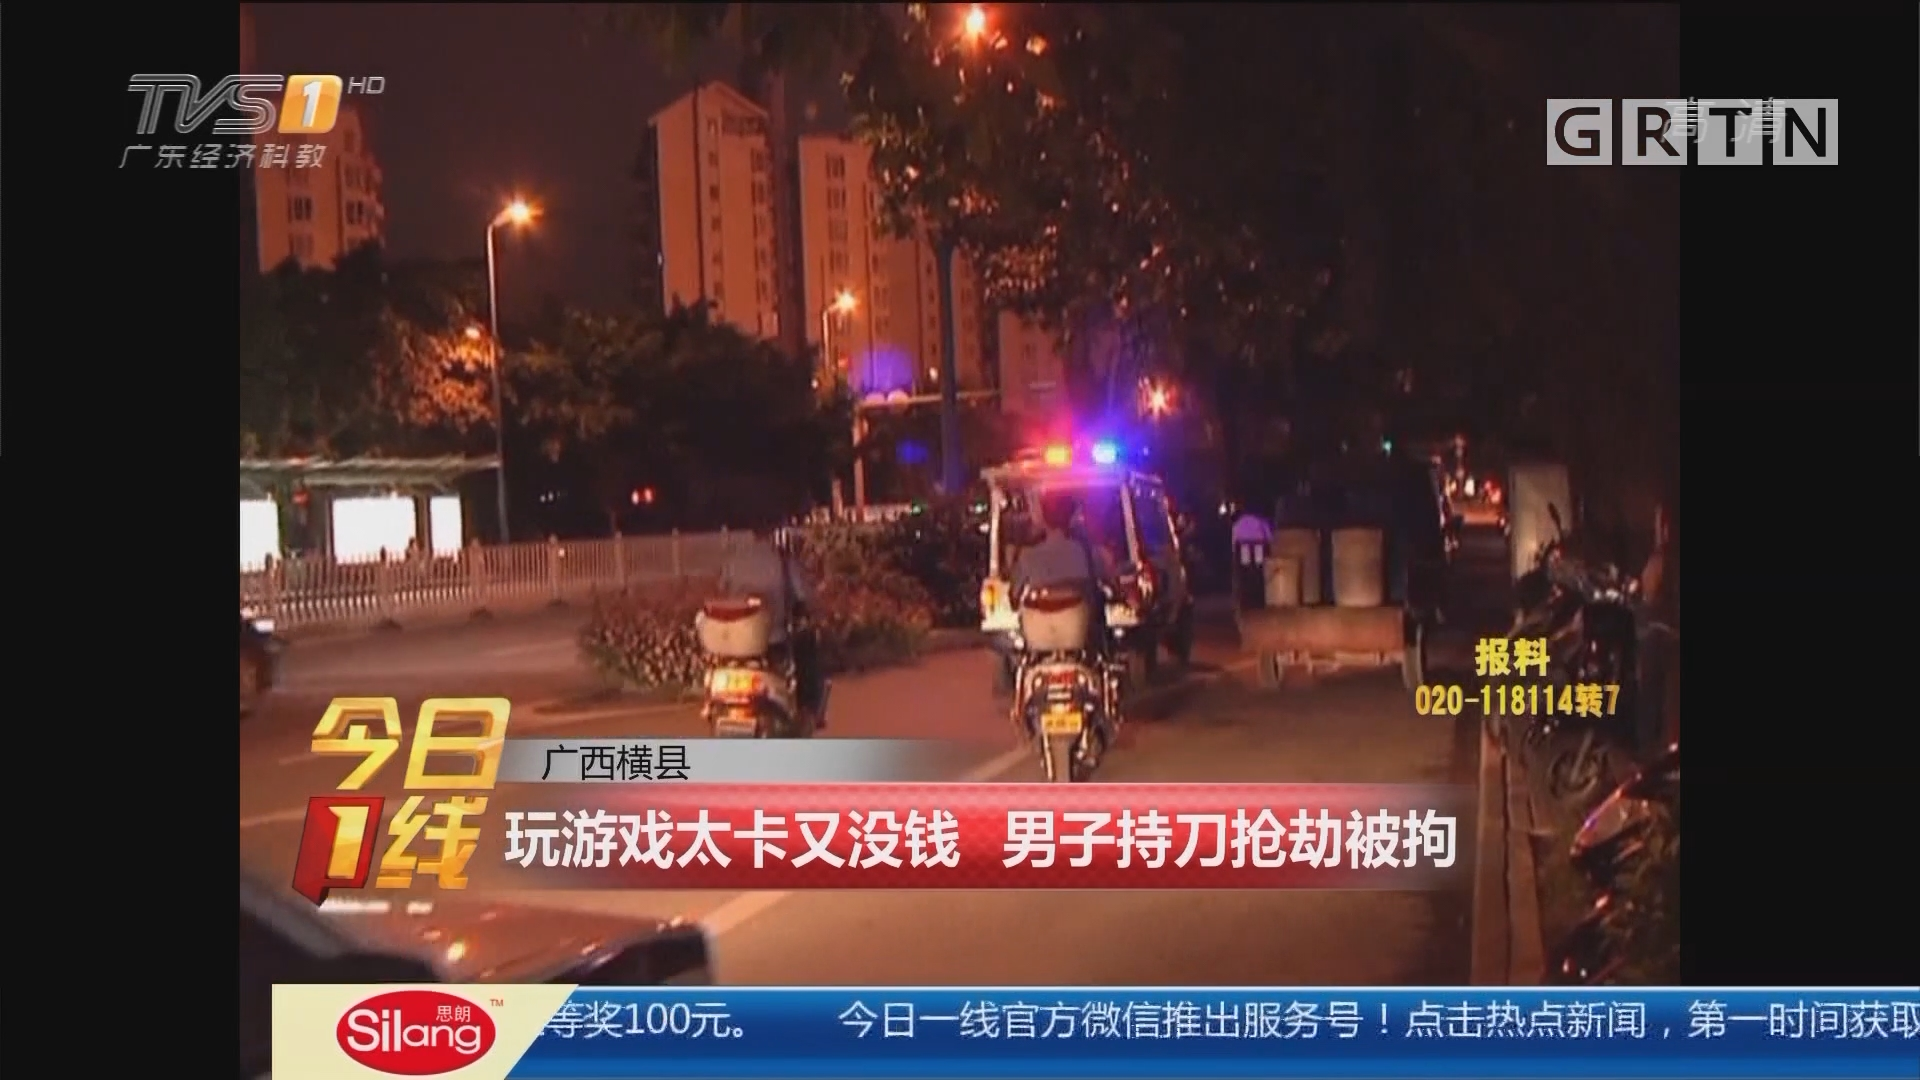 广西横县:玩游戏太卡又没钱 男子持刀抢劫被拘